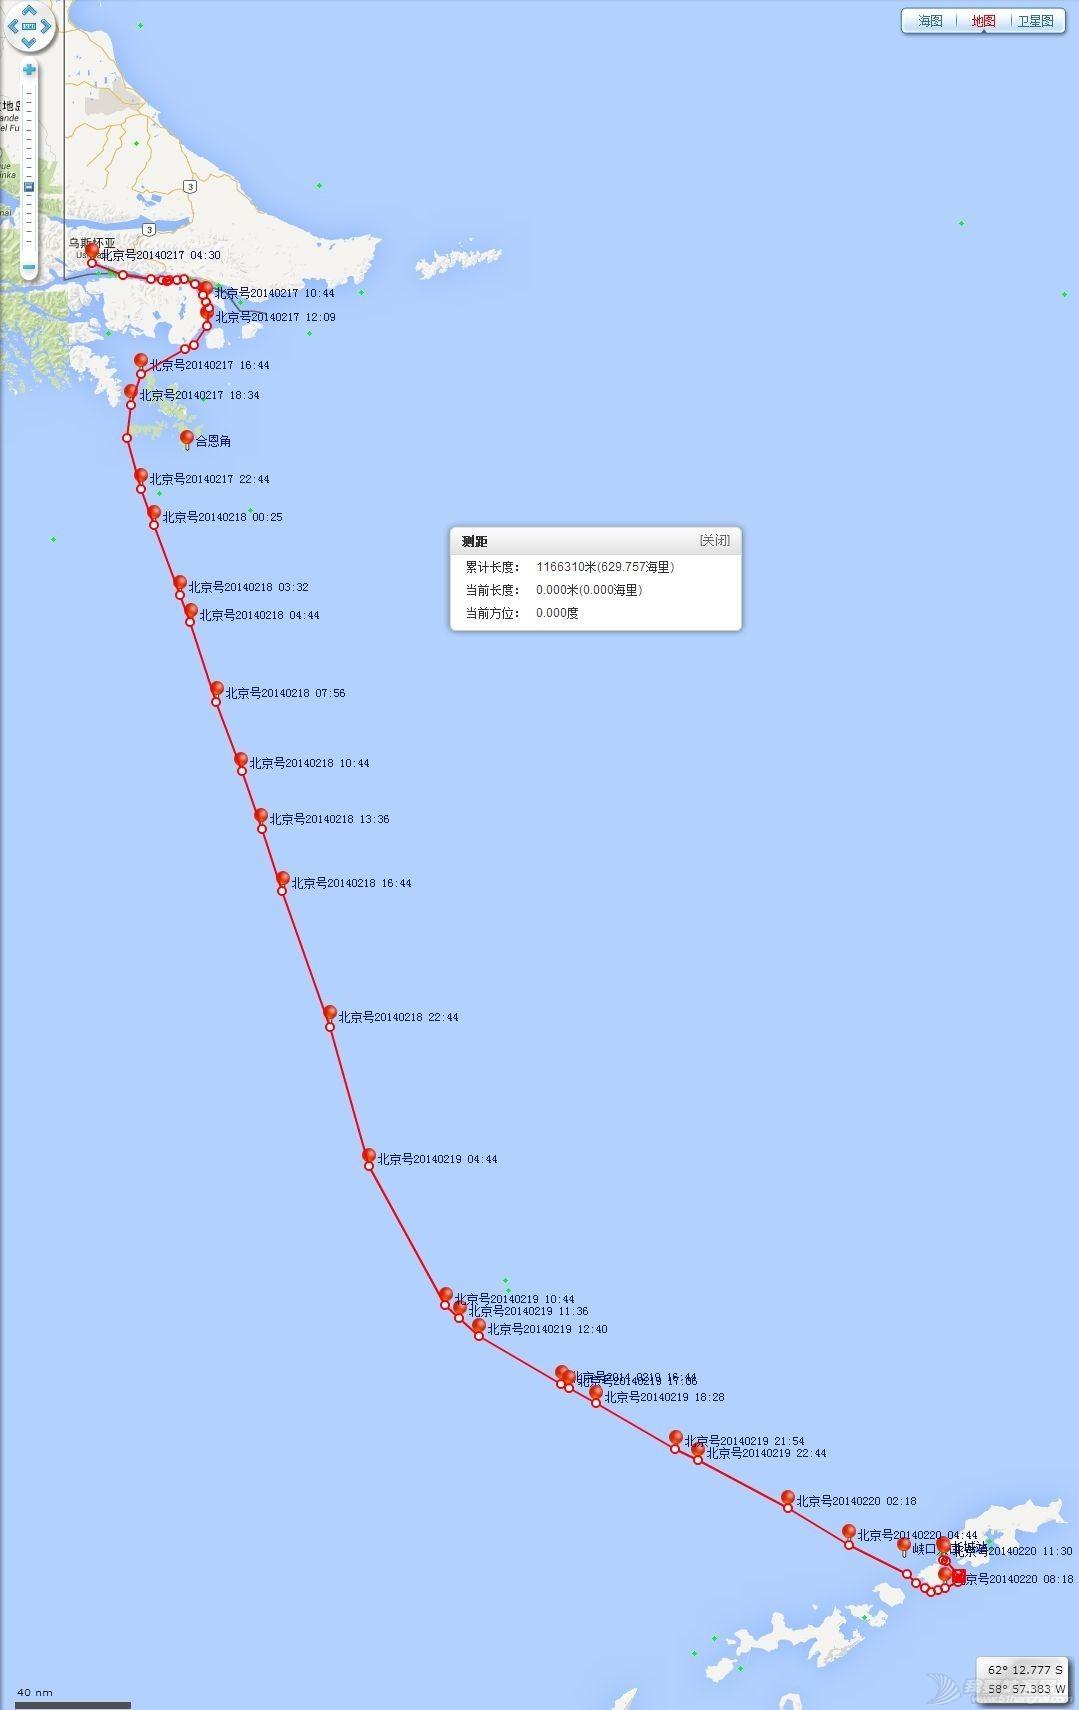 英雄,厦门 来向厦门号的各位英雄求证下 北京号帆船进入南极航迹图